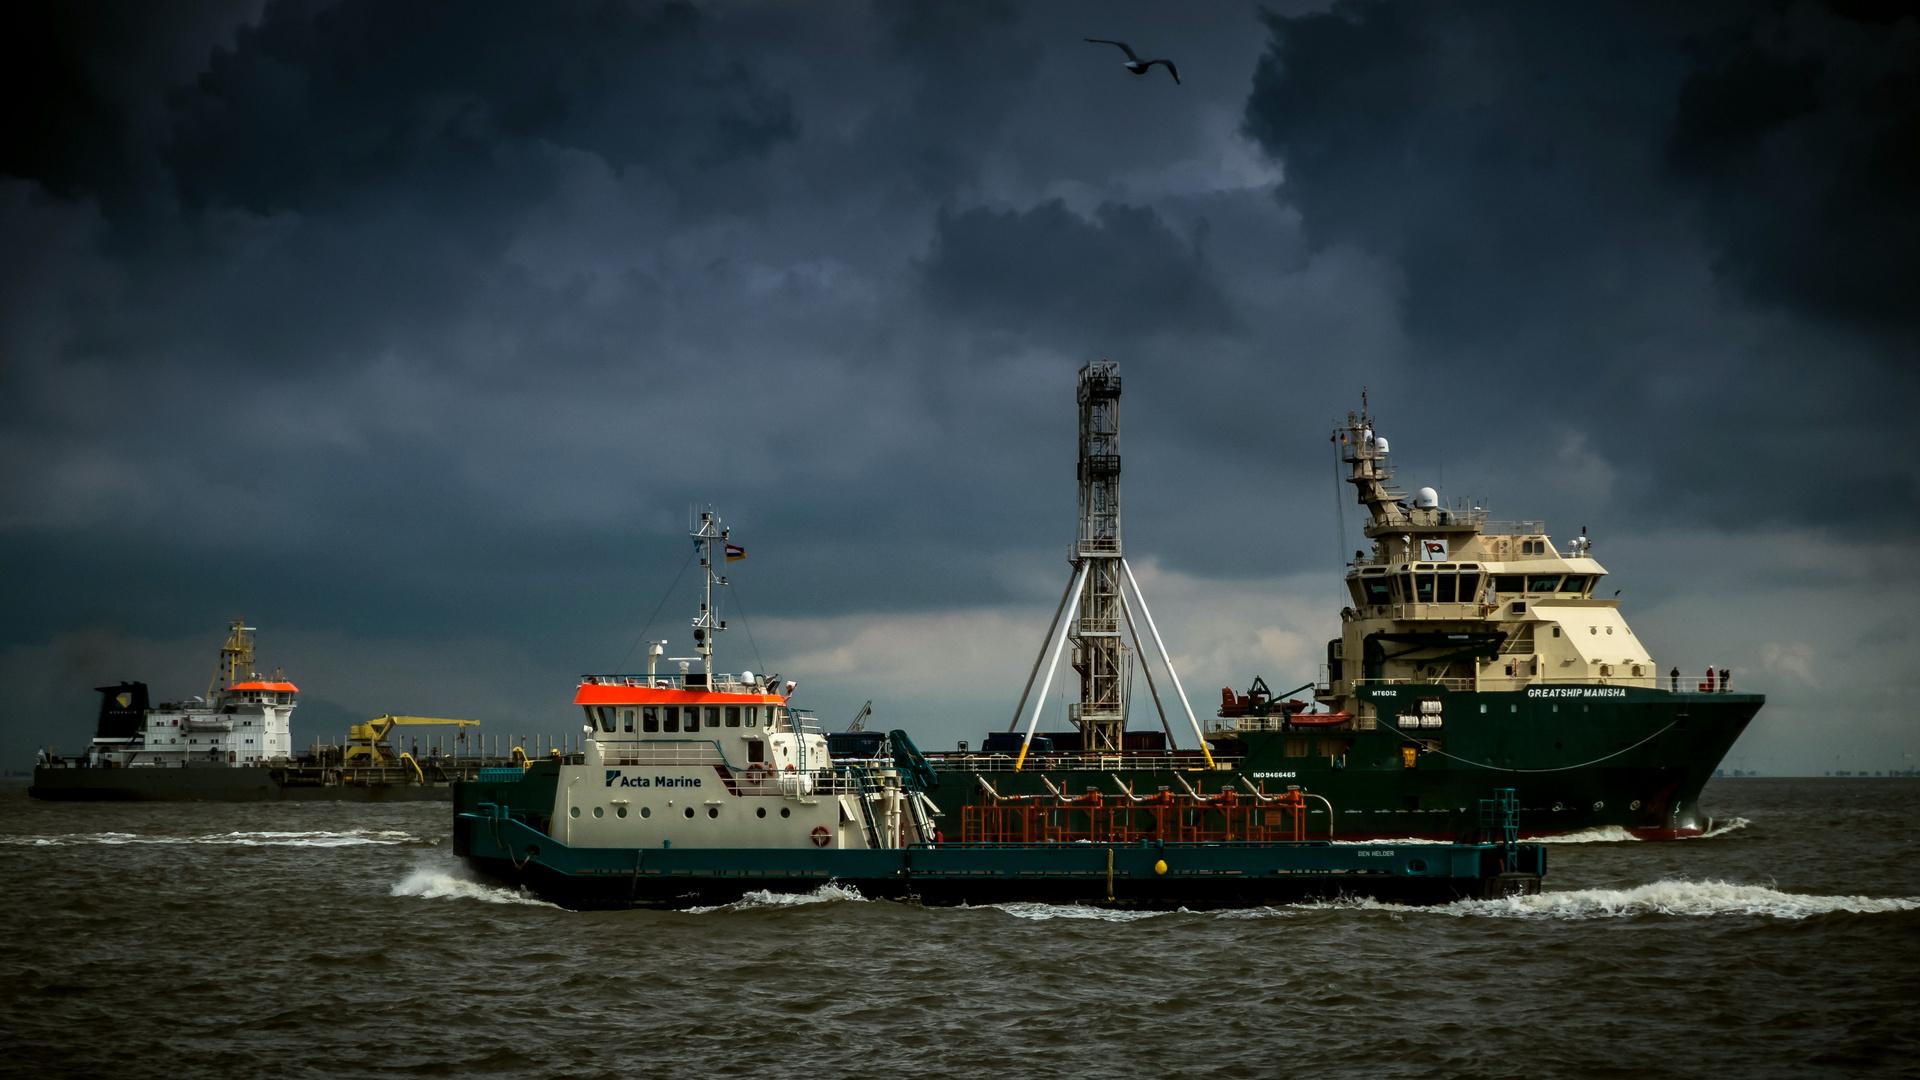 Cuxhaven - Viel Verkehr auf der Elbe